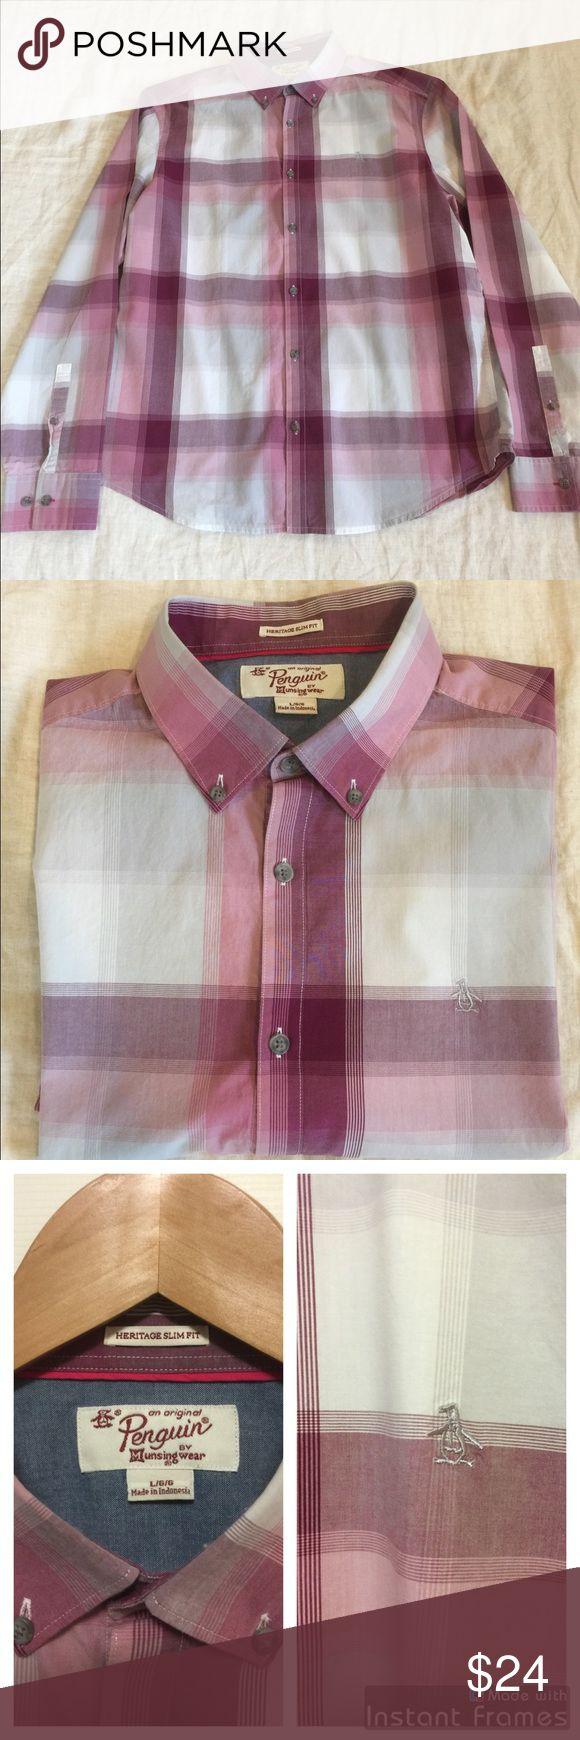 c6ed14008 Men's Original Penguin L/S button down shirt